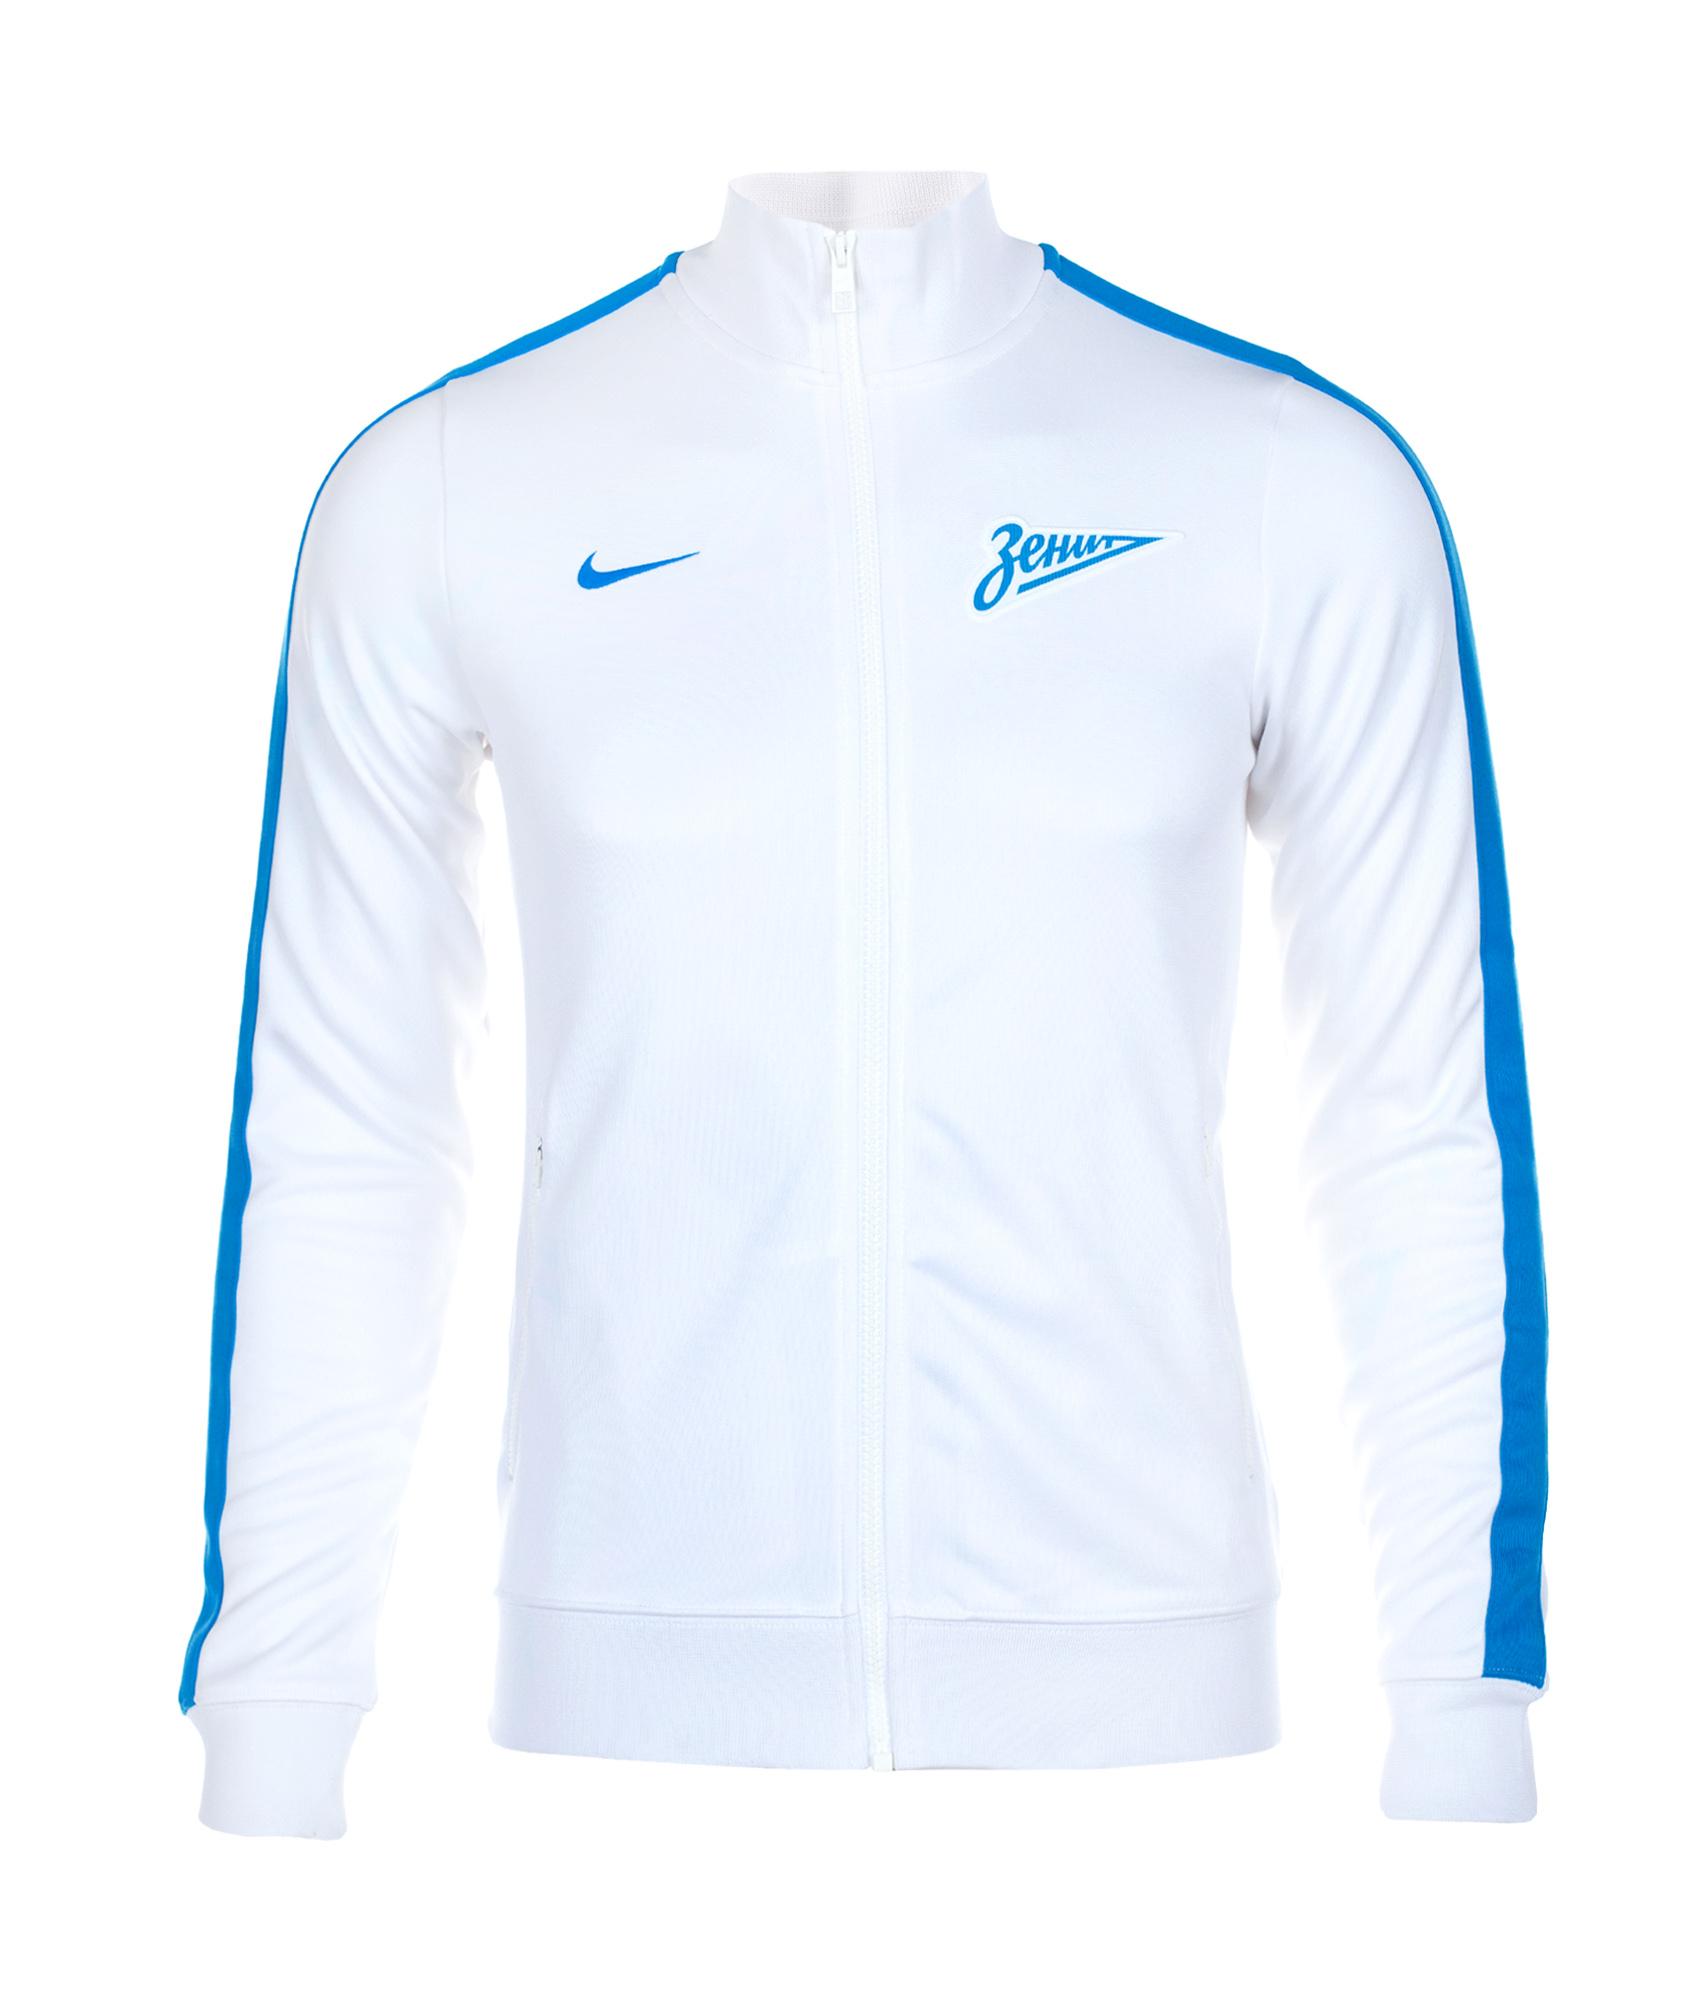 Белая олимпийка Nike, Цвет-Белый, Размер-XXL